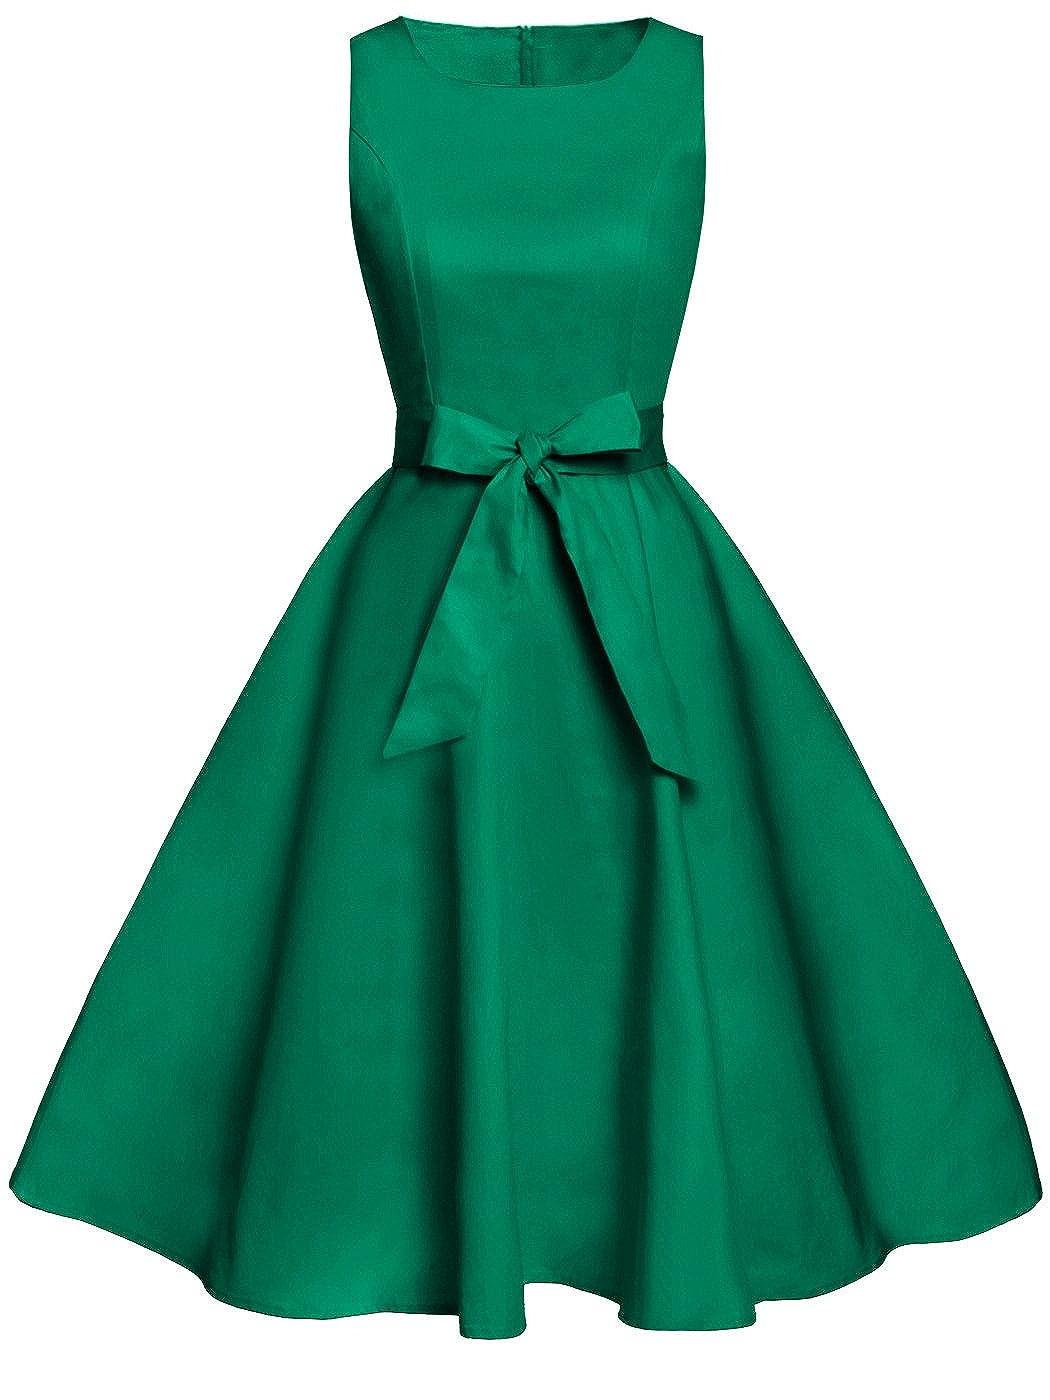 TALLA 3XL. FAIRY COUPLE 50s Vestido de Partido Floral Retro del Oscilación del Cóctel del Vintage con el Arco DRT017 Verde 3XL